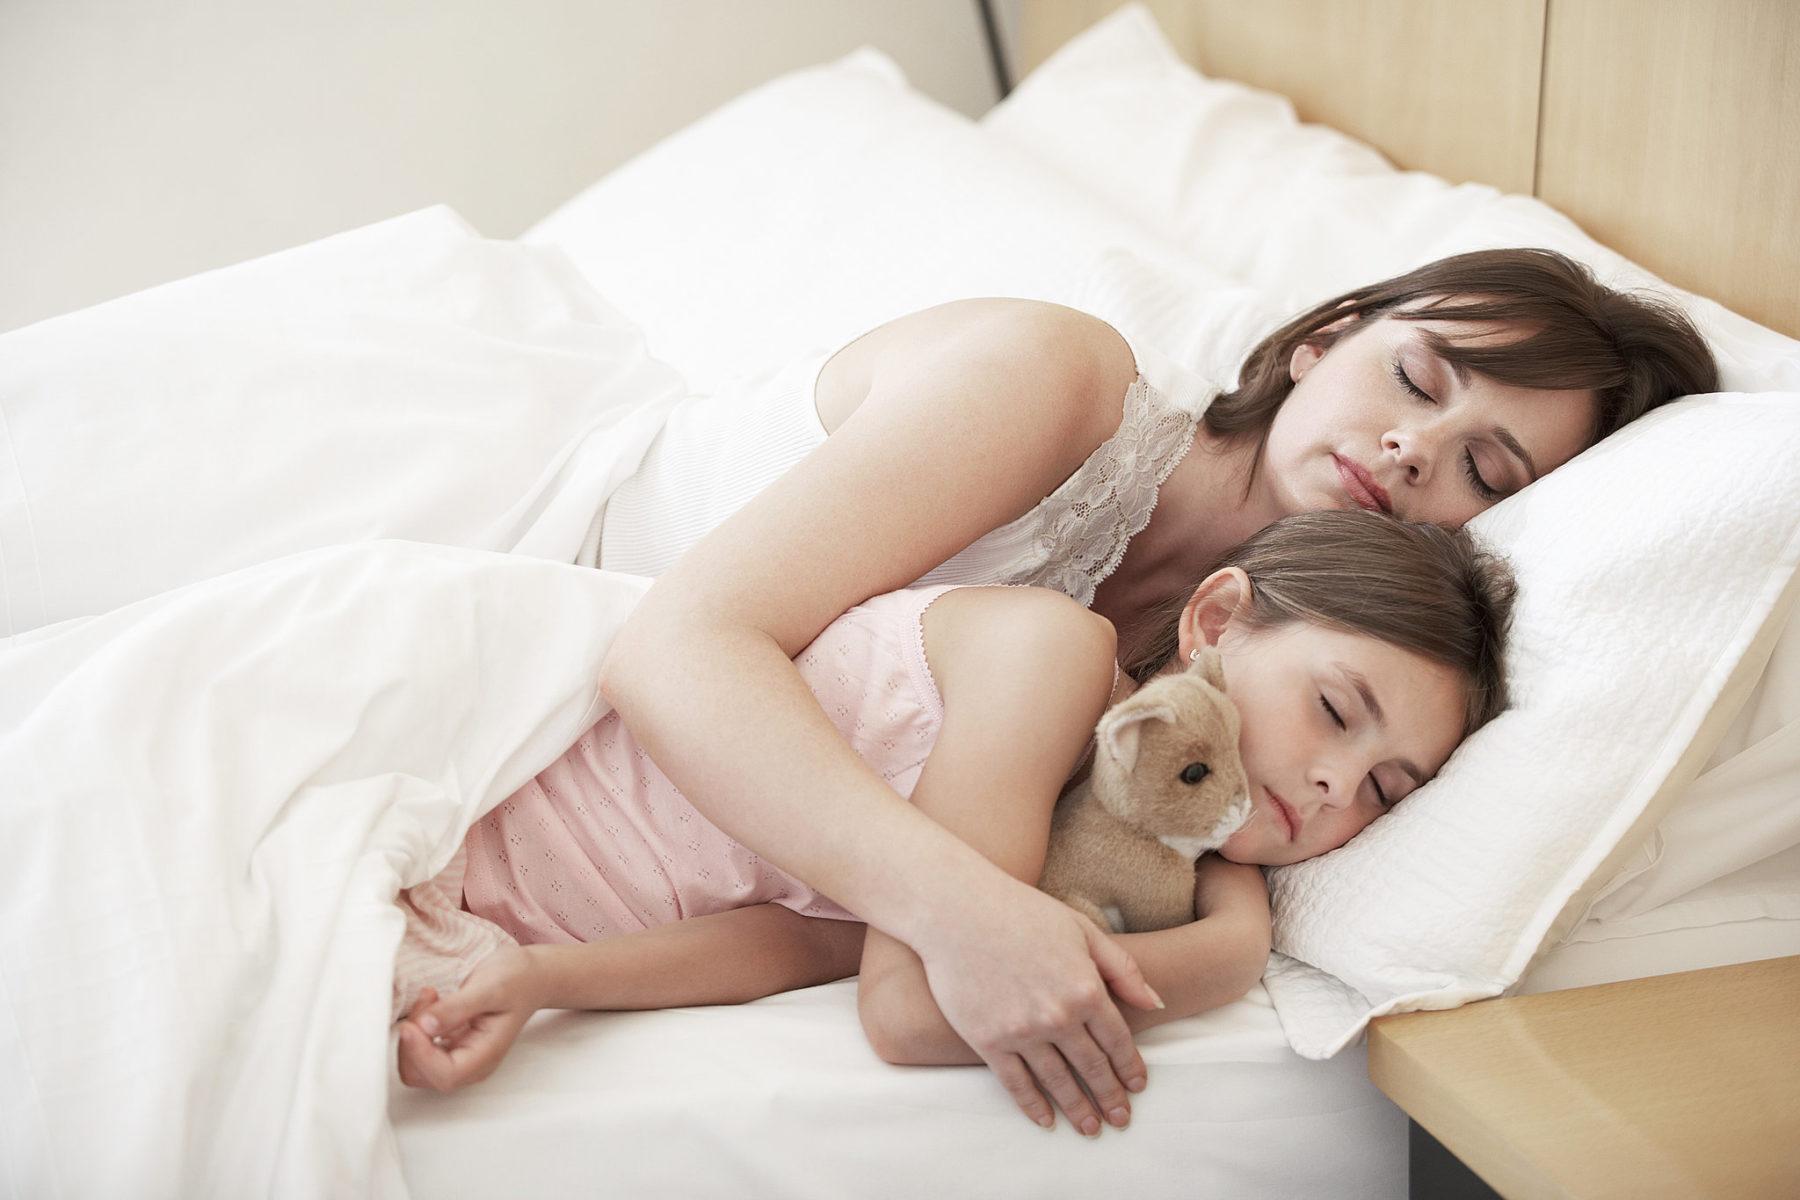 Μέχρι πότε μπορώ να κοιμάμαι στο ίδιο δωμάτιο με το μωρό;